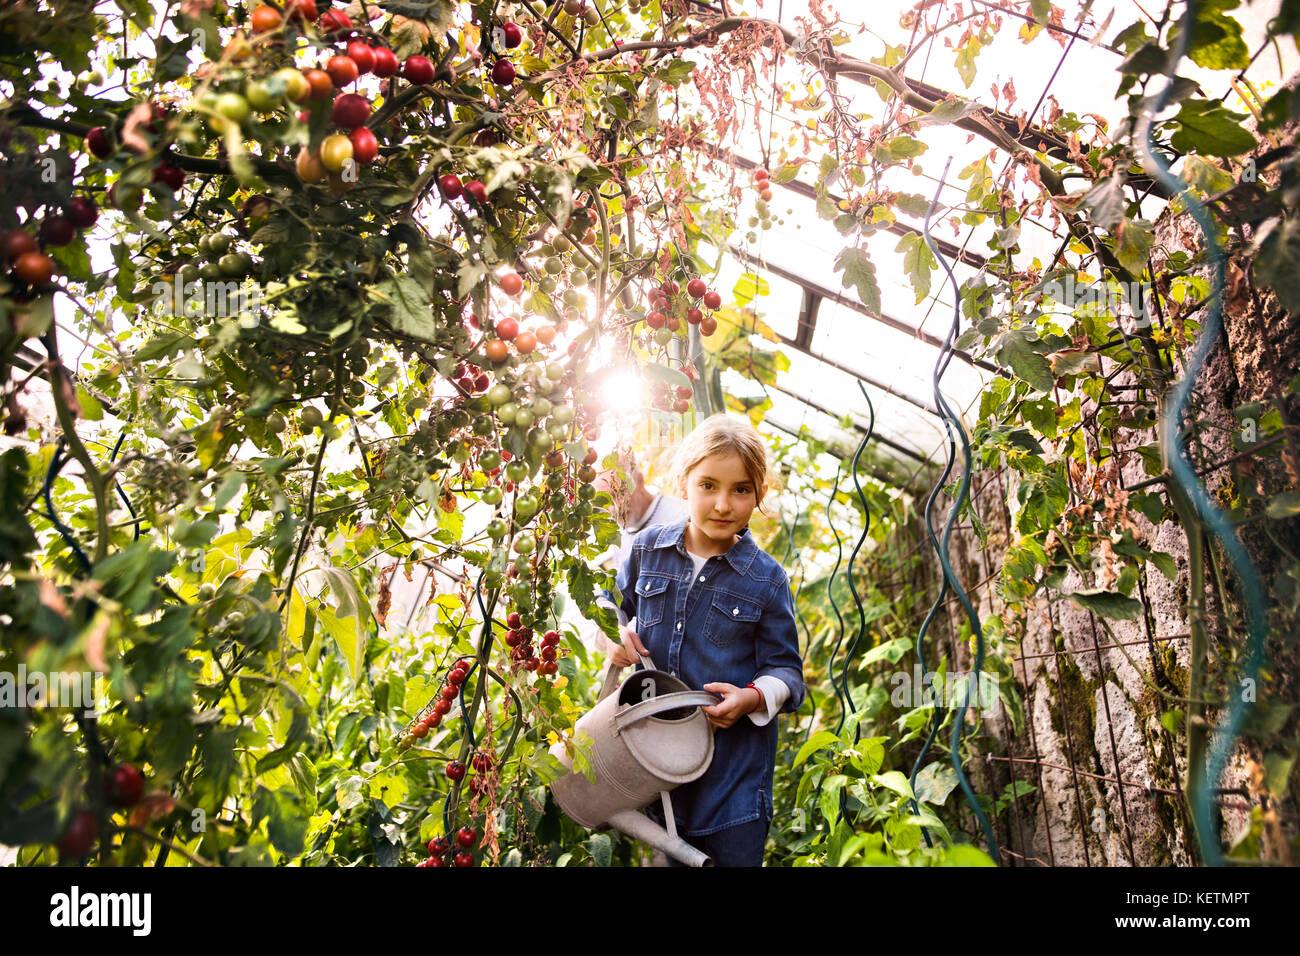 La pequeña niña la jardinería en el jardín posterior. Imagen De Stock